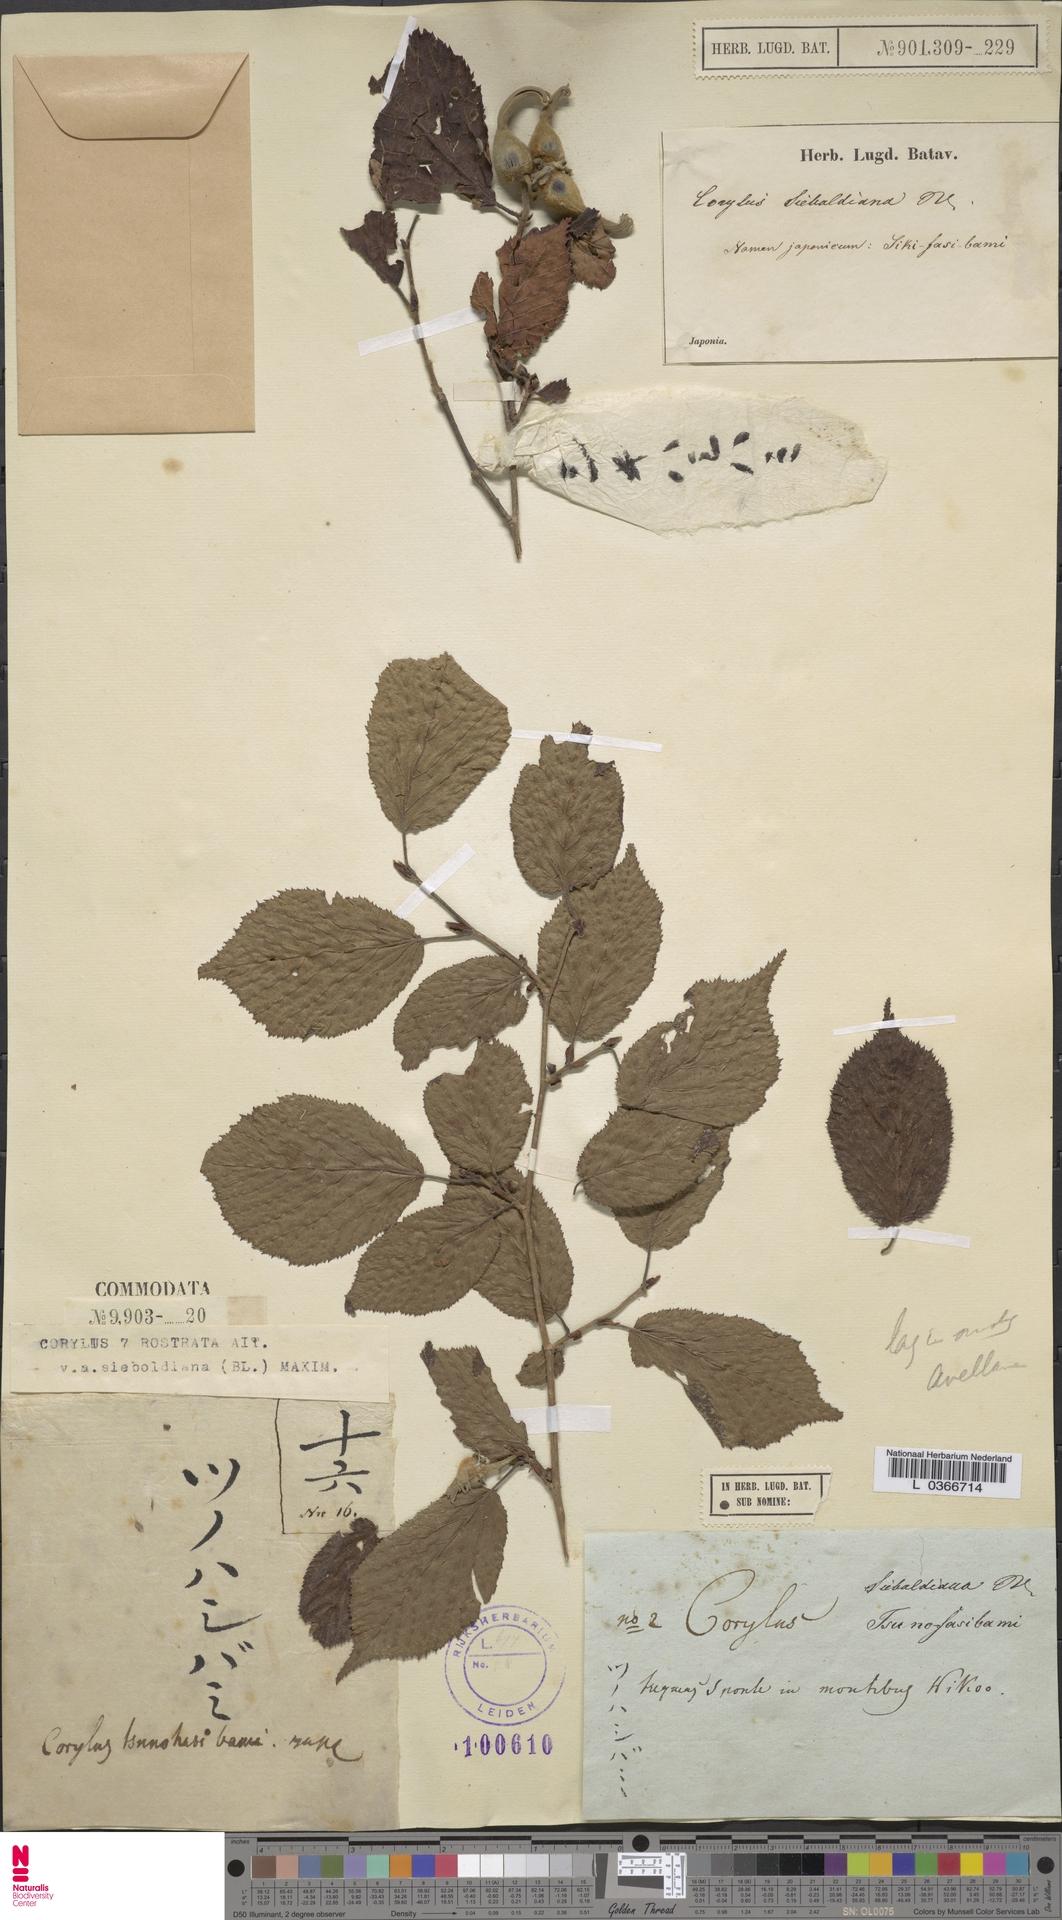 L  0366714   Corylus rostrata var. sieboldiana (Blume) Maxim.